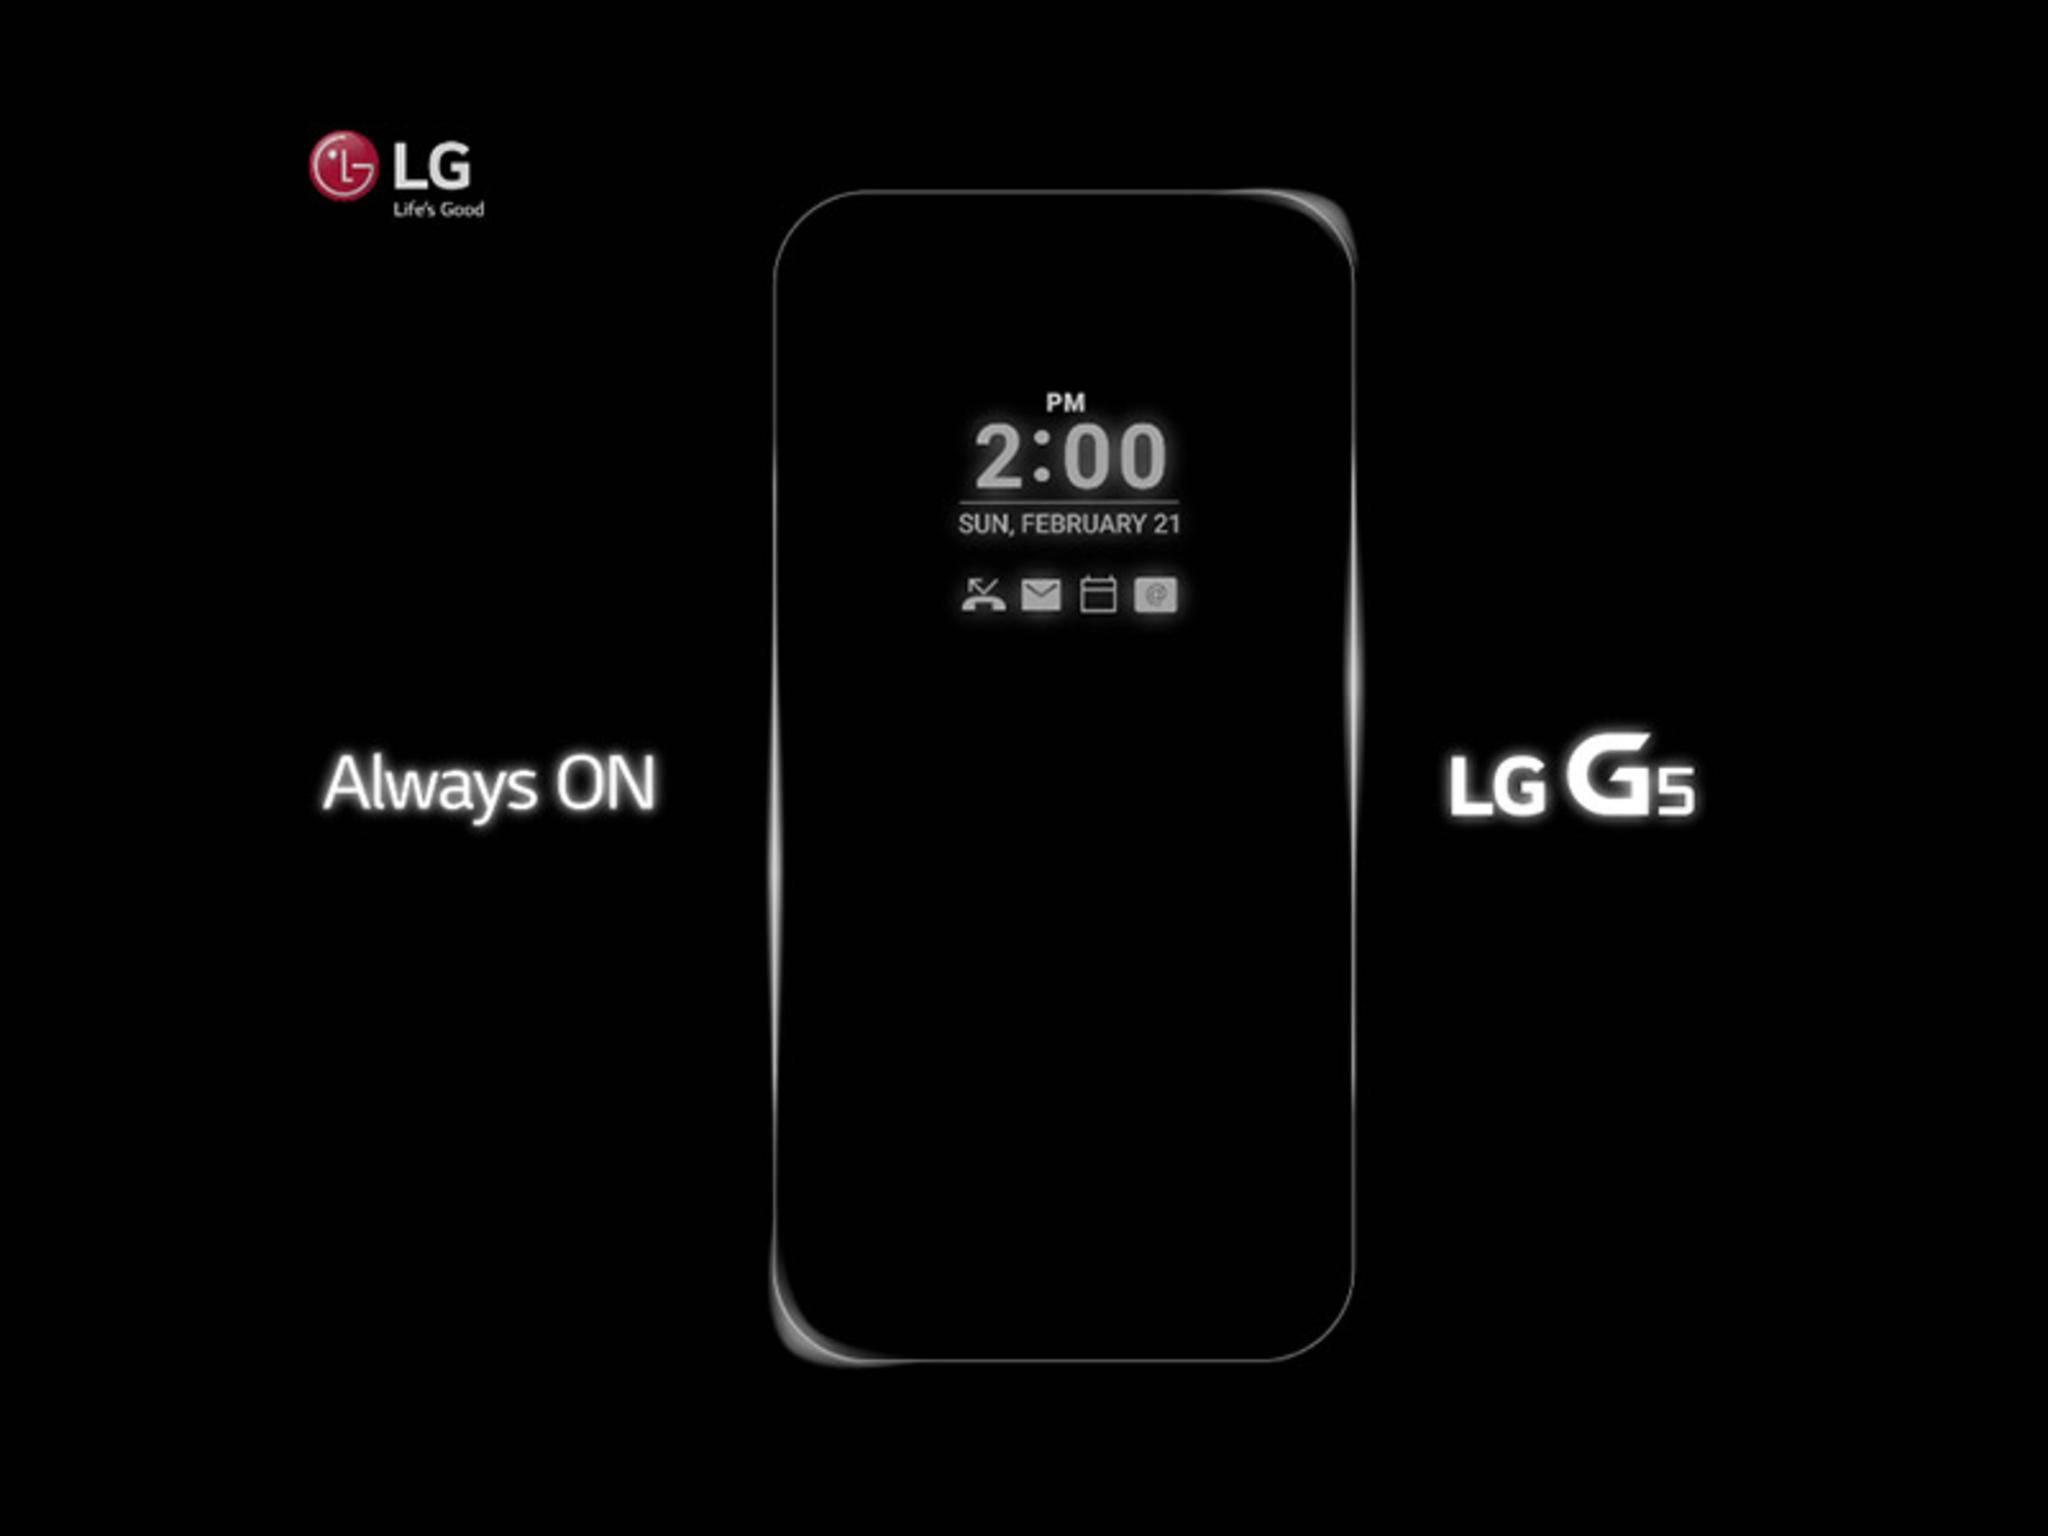 Mit diesem Bild teaserte LG die Präsentation des G5 an.